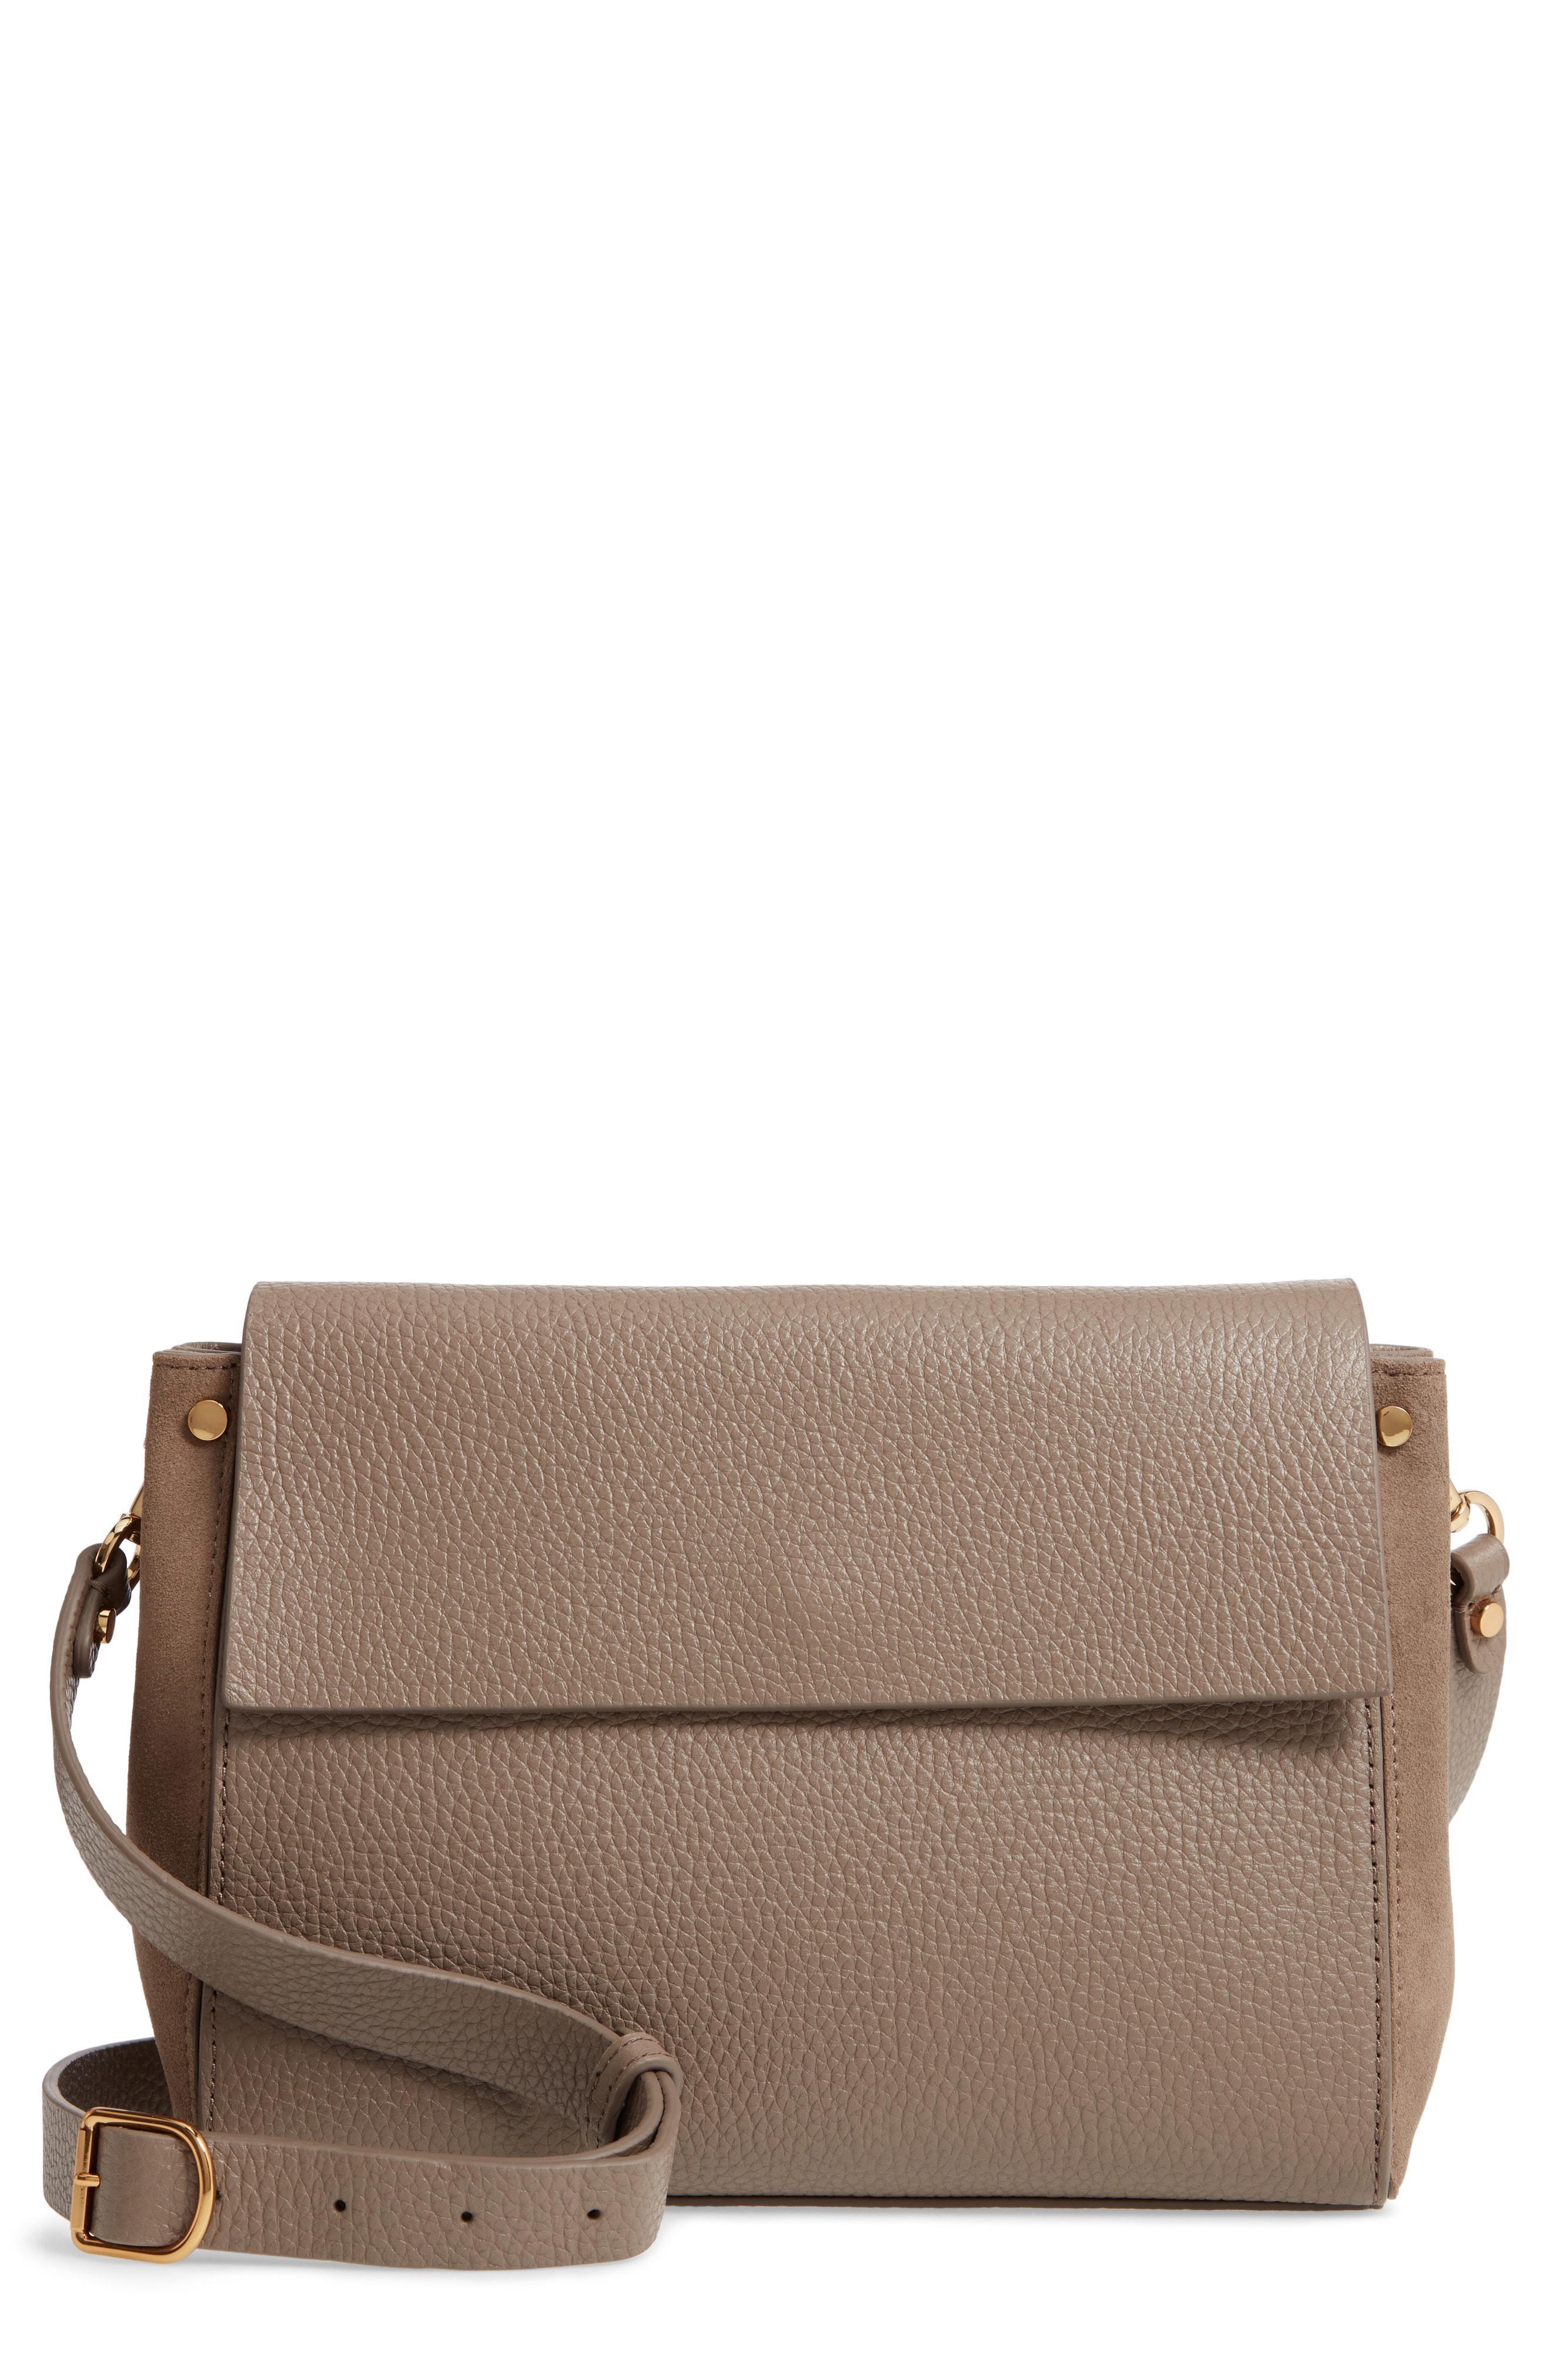 8f18f62466dd Lyst - Treasure & Bond Carly Leather Crossbody Bag - in Brown